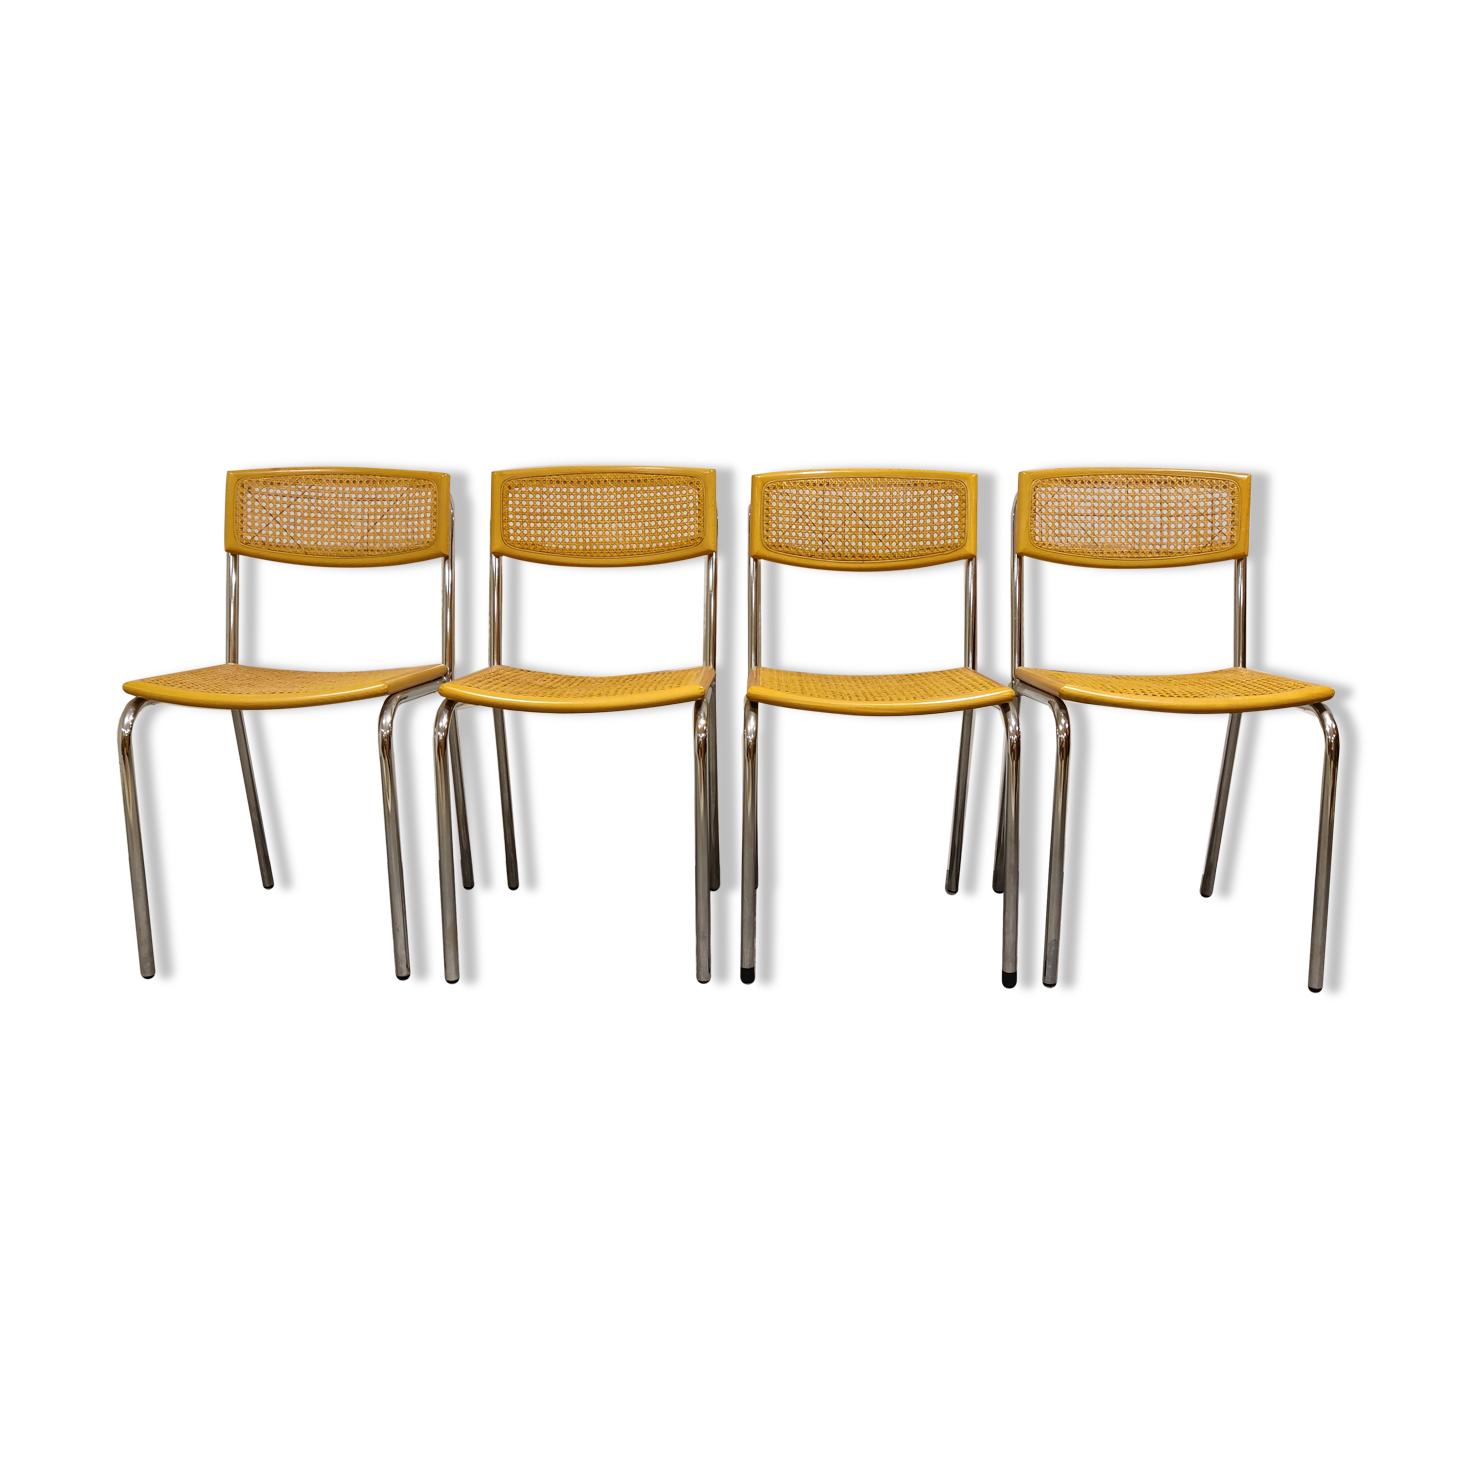 Ensemble de 4 chaises de salle à manger italiennes en rotin et chrome, années 1970